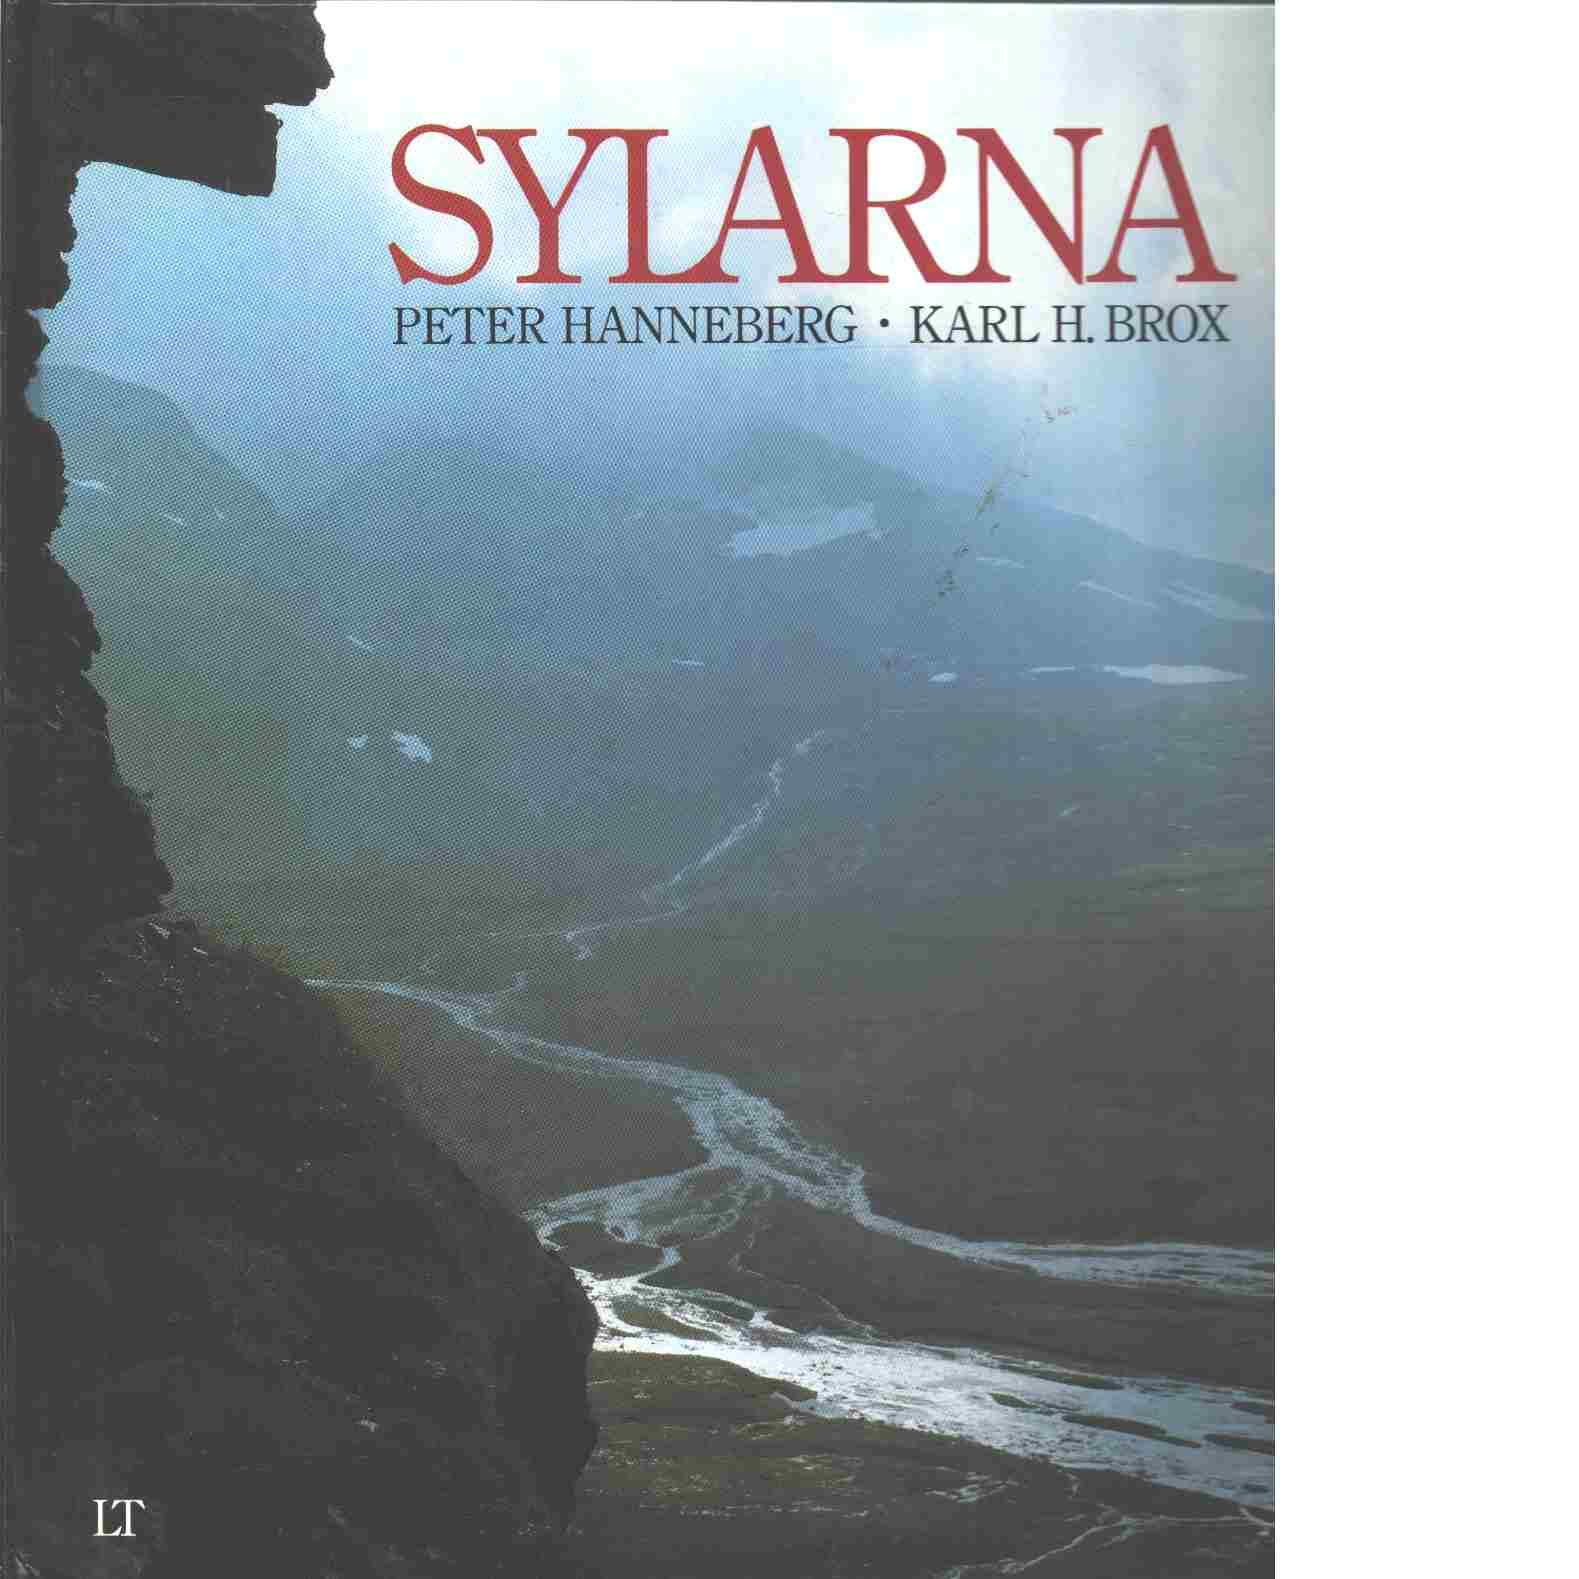 Sylarna : svensk-norskt fjällområde - Hanneberg, Peter och Brox, Karl H.